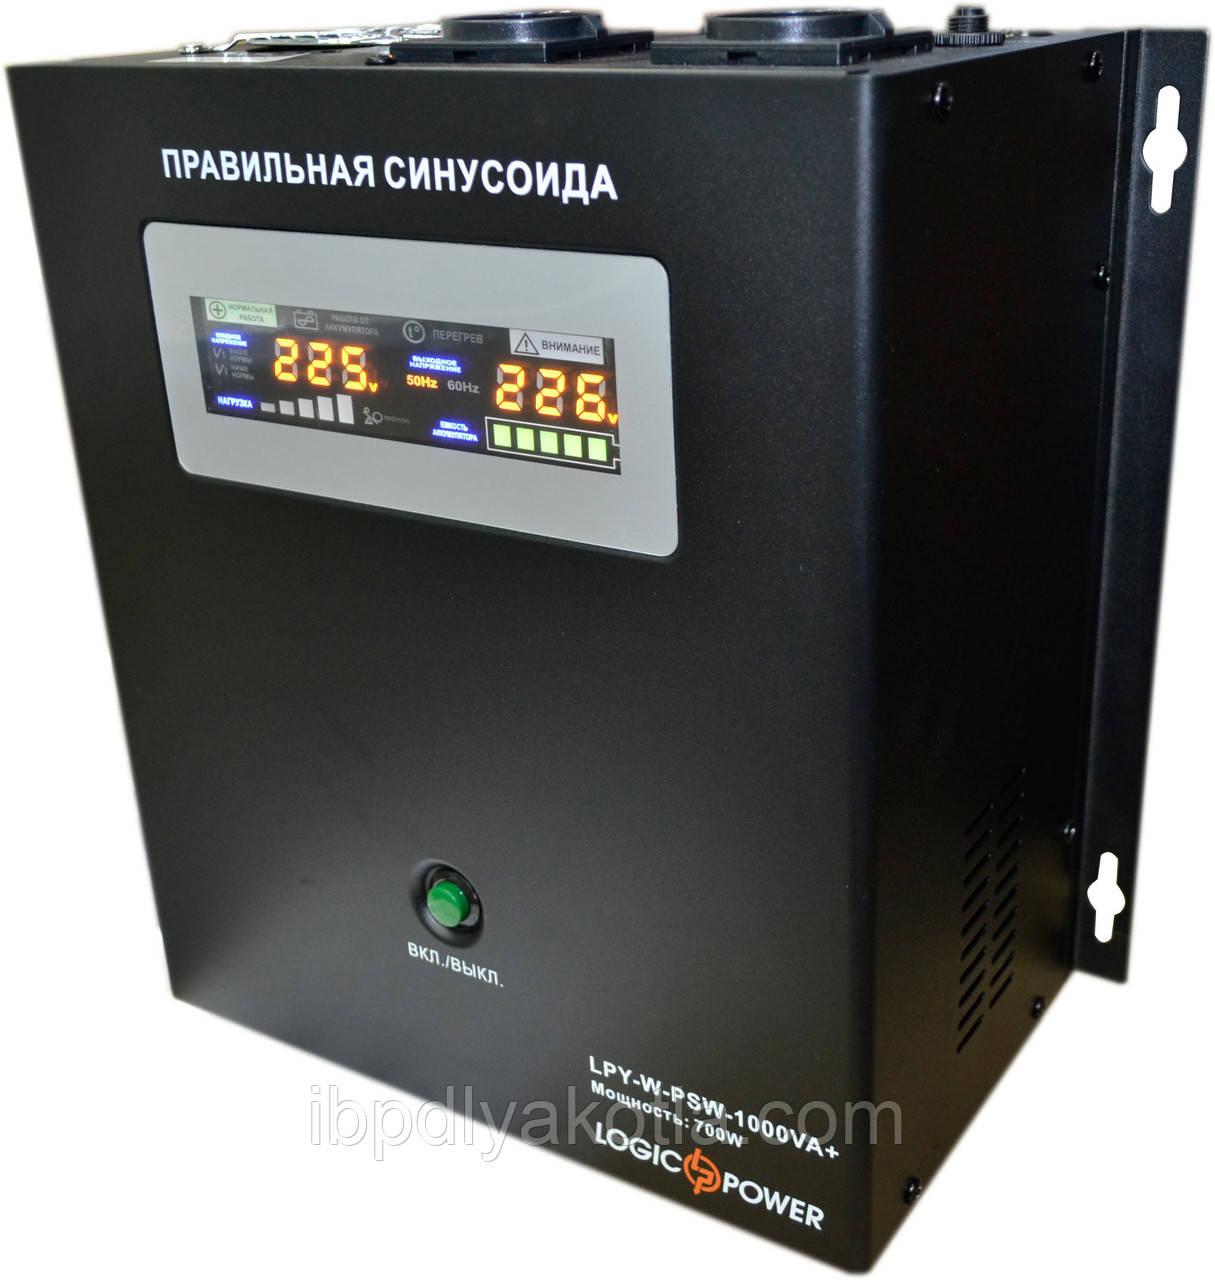 Logicpower LPY-W-PSW-1000+